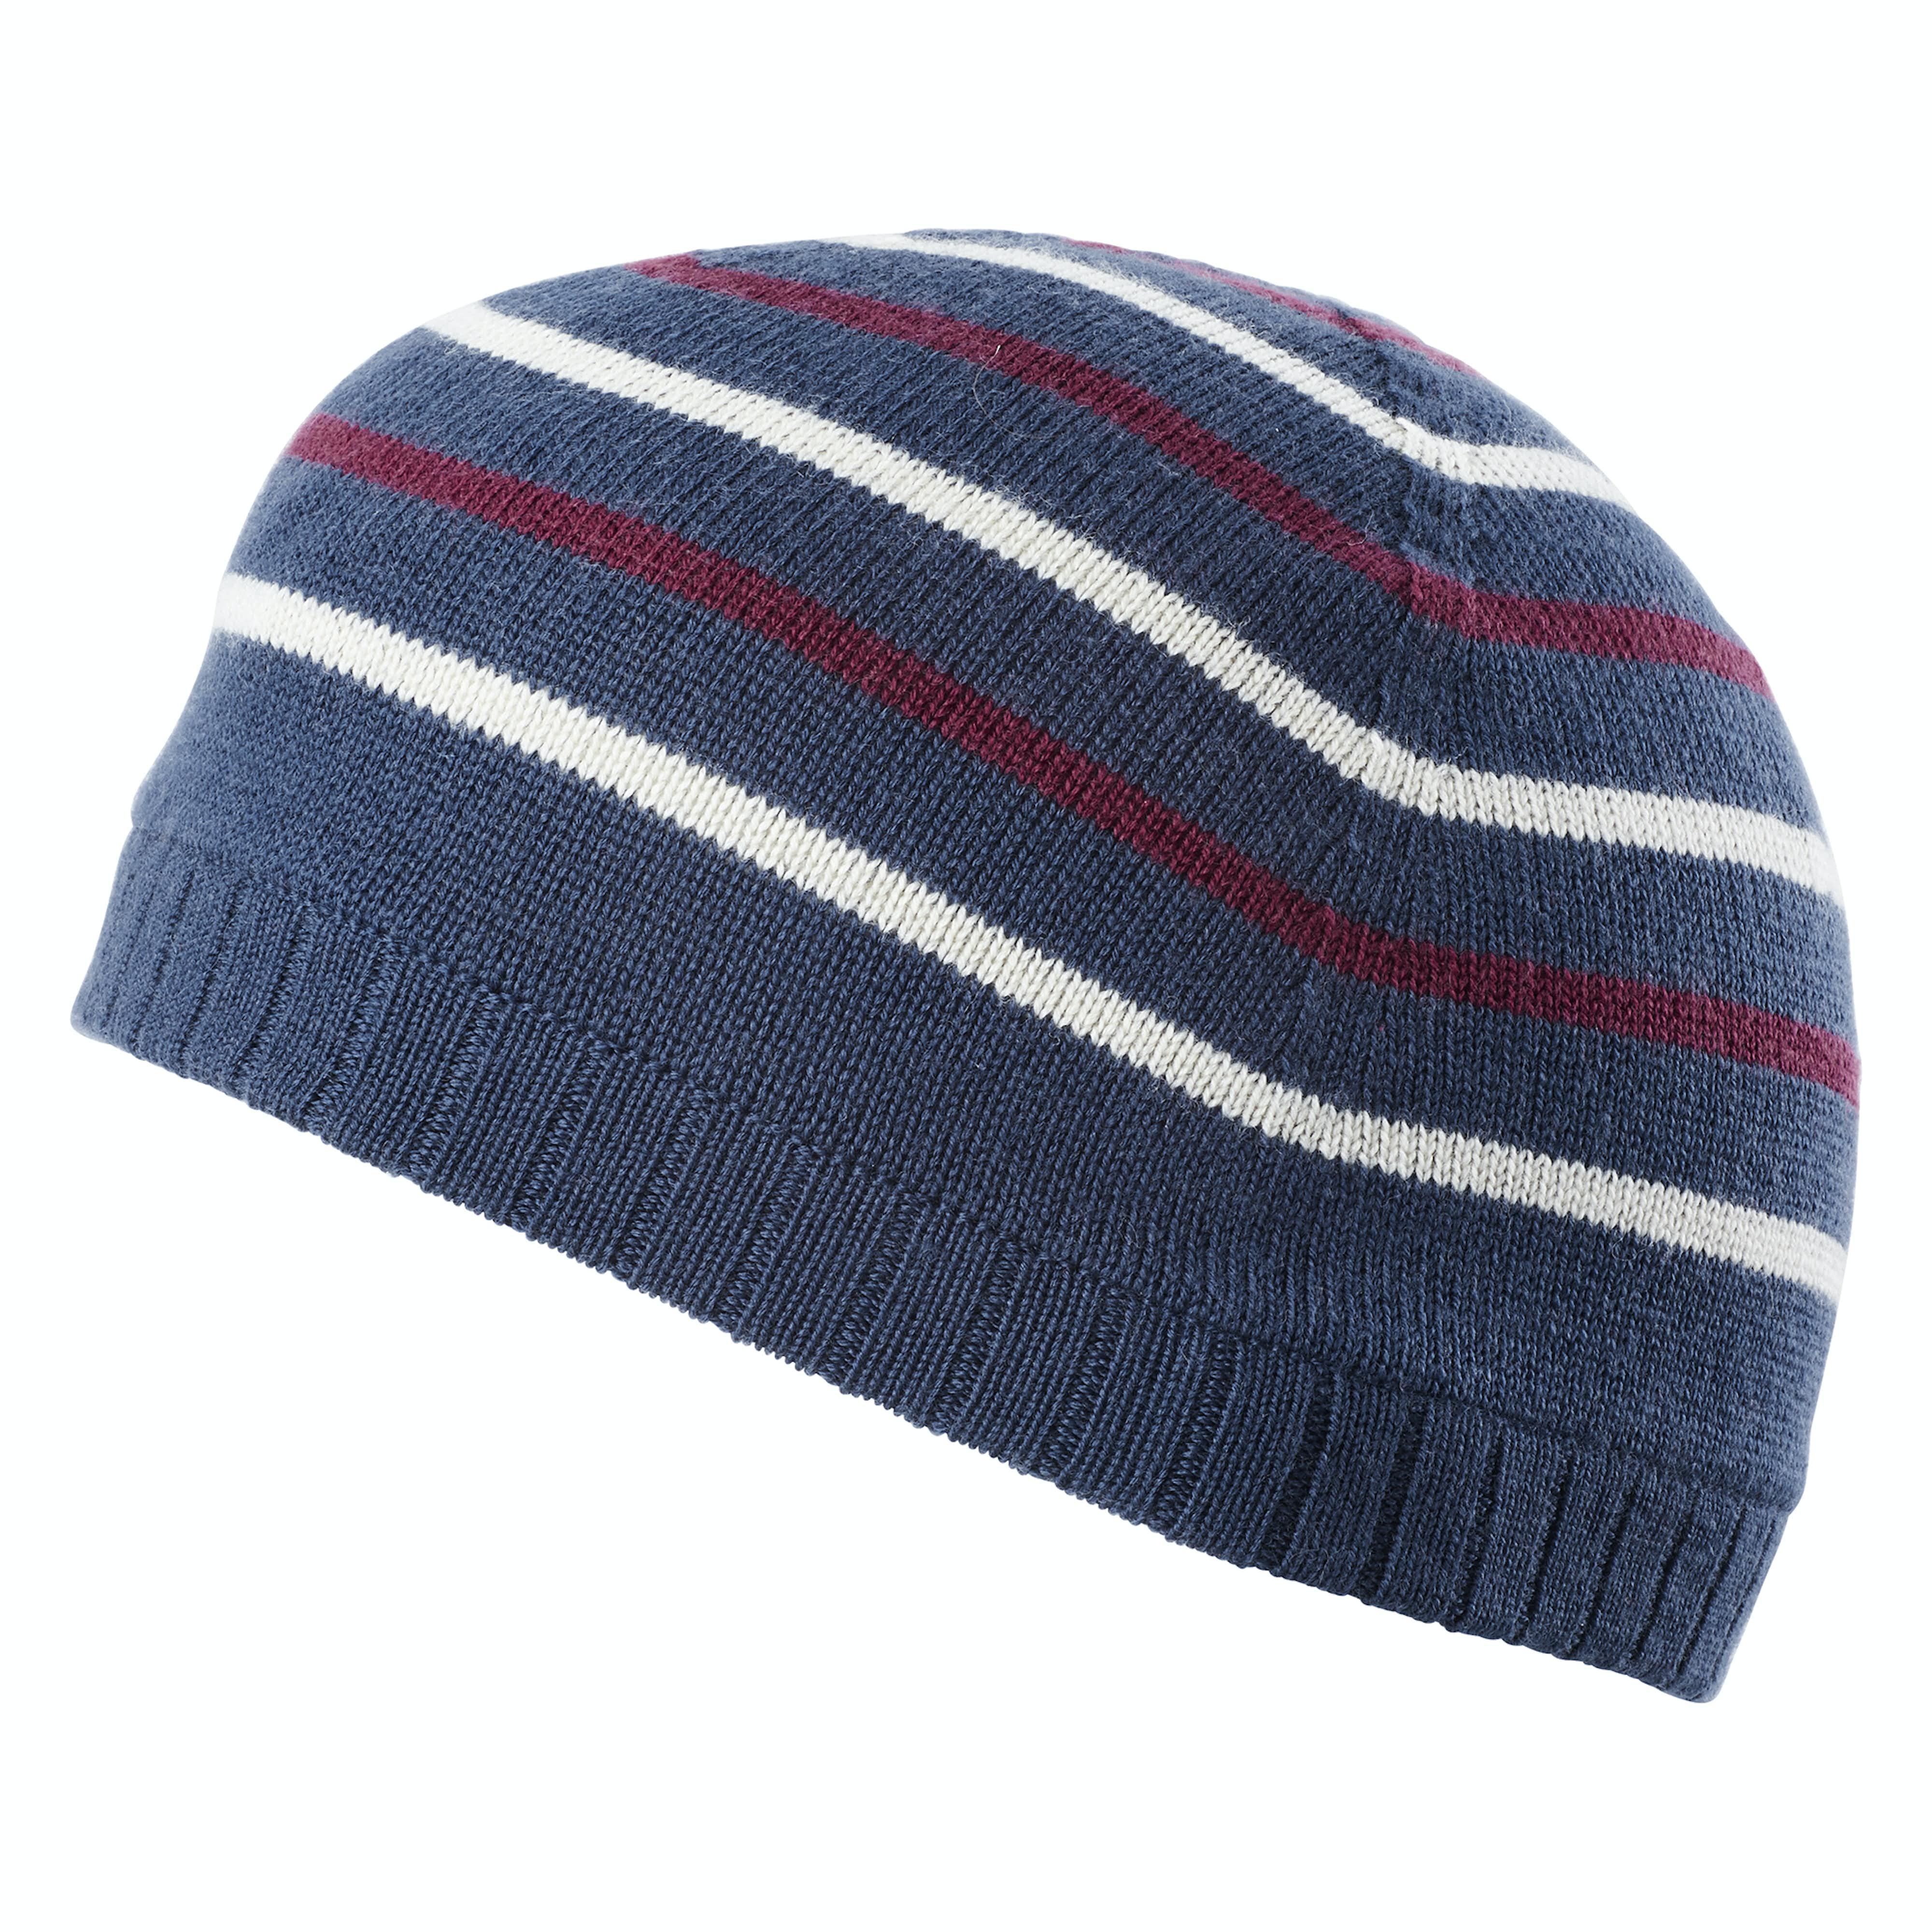 e9e7a056 Mens Hats, Beanies & Caps | Scarves & Neck Gaiters for Men | AU